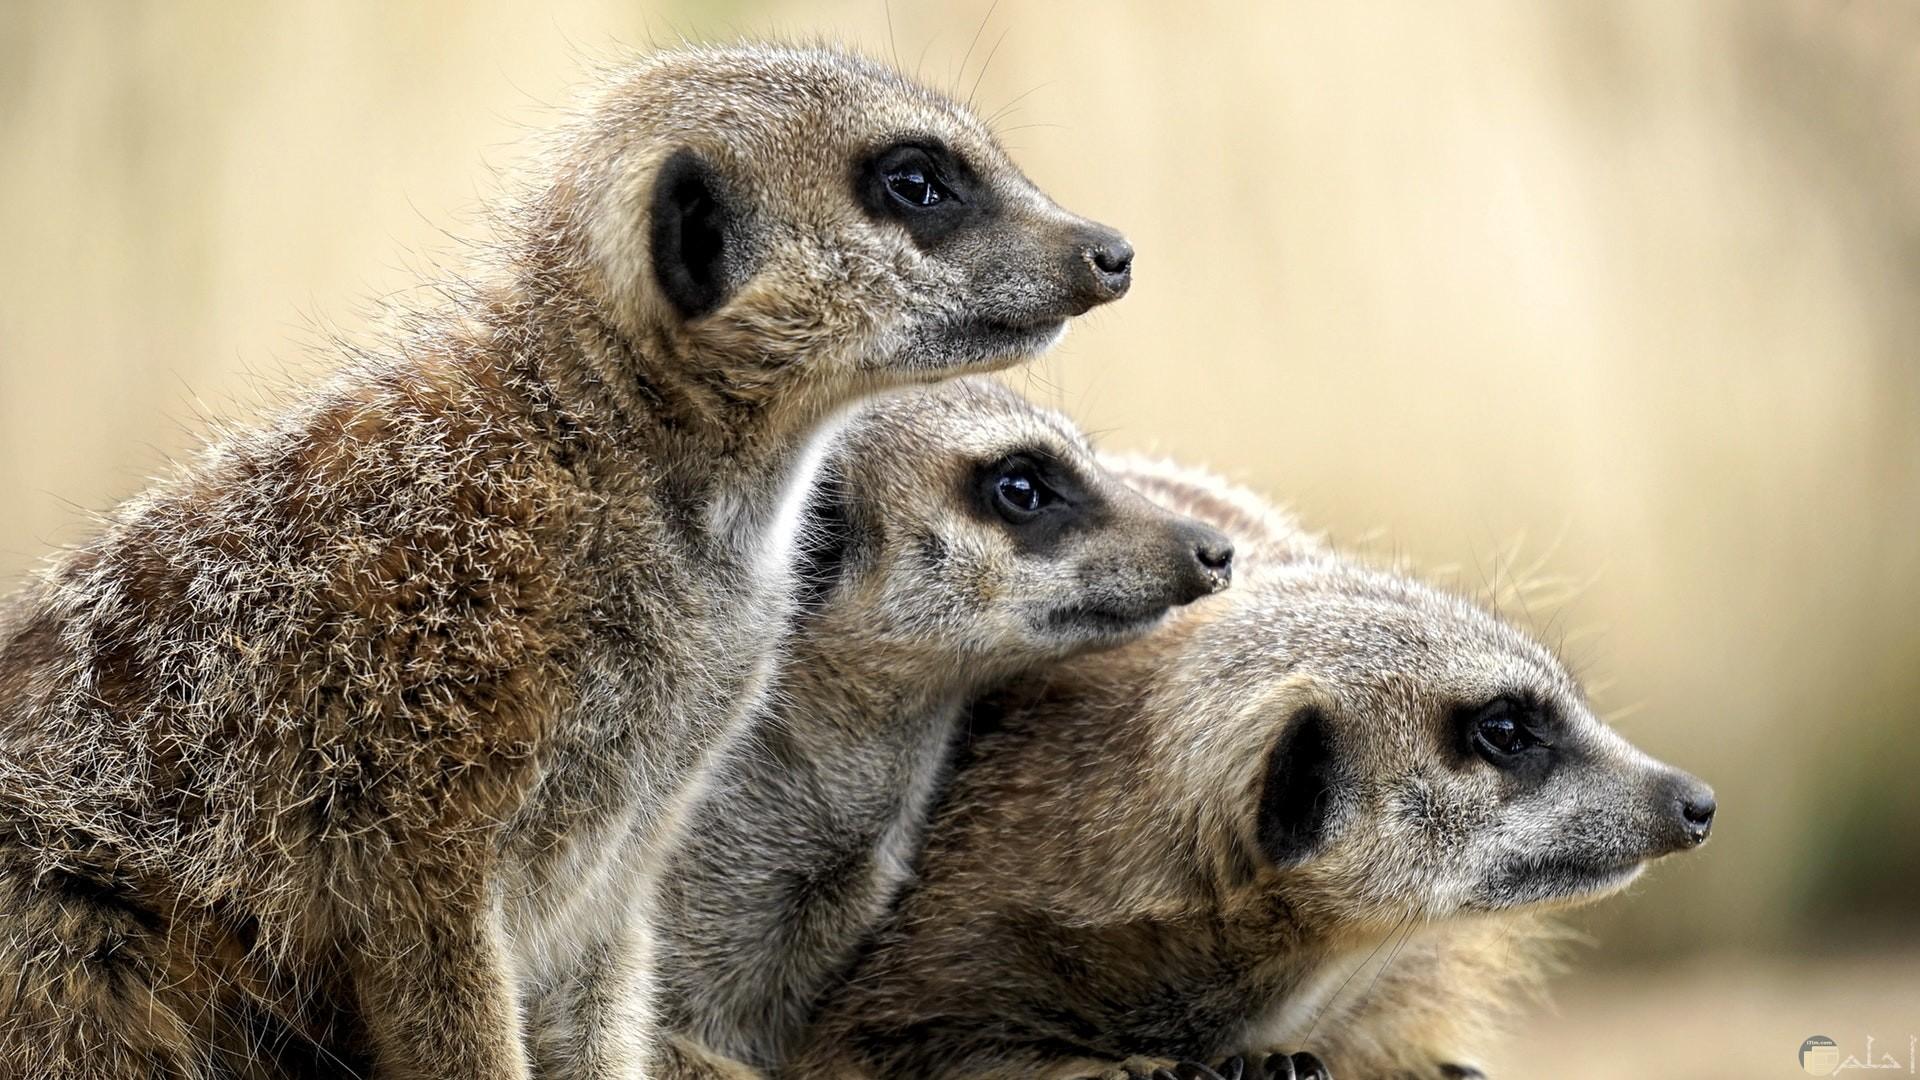 صورة لحيوانات تراقب شيء ما في ترقب ومتراصة بجانب بعضها بشكل مضحك